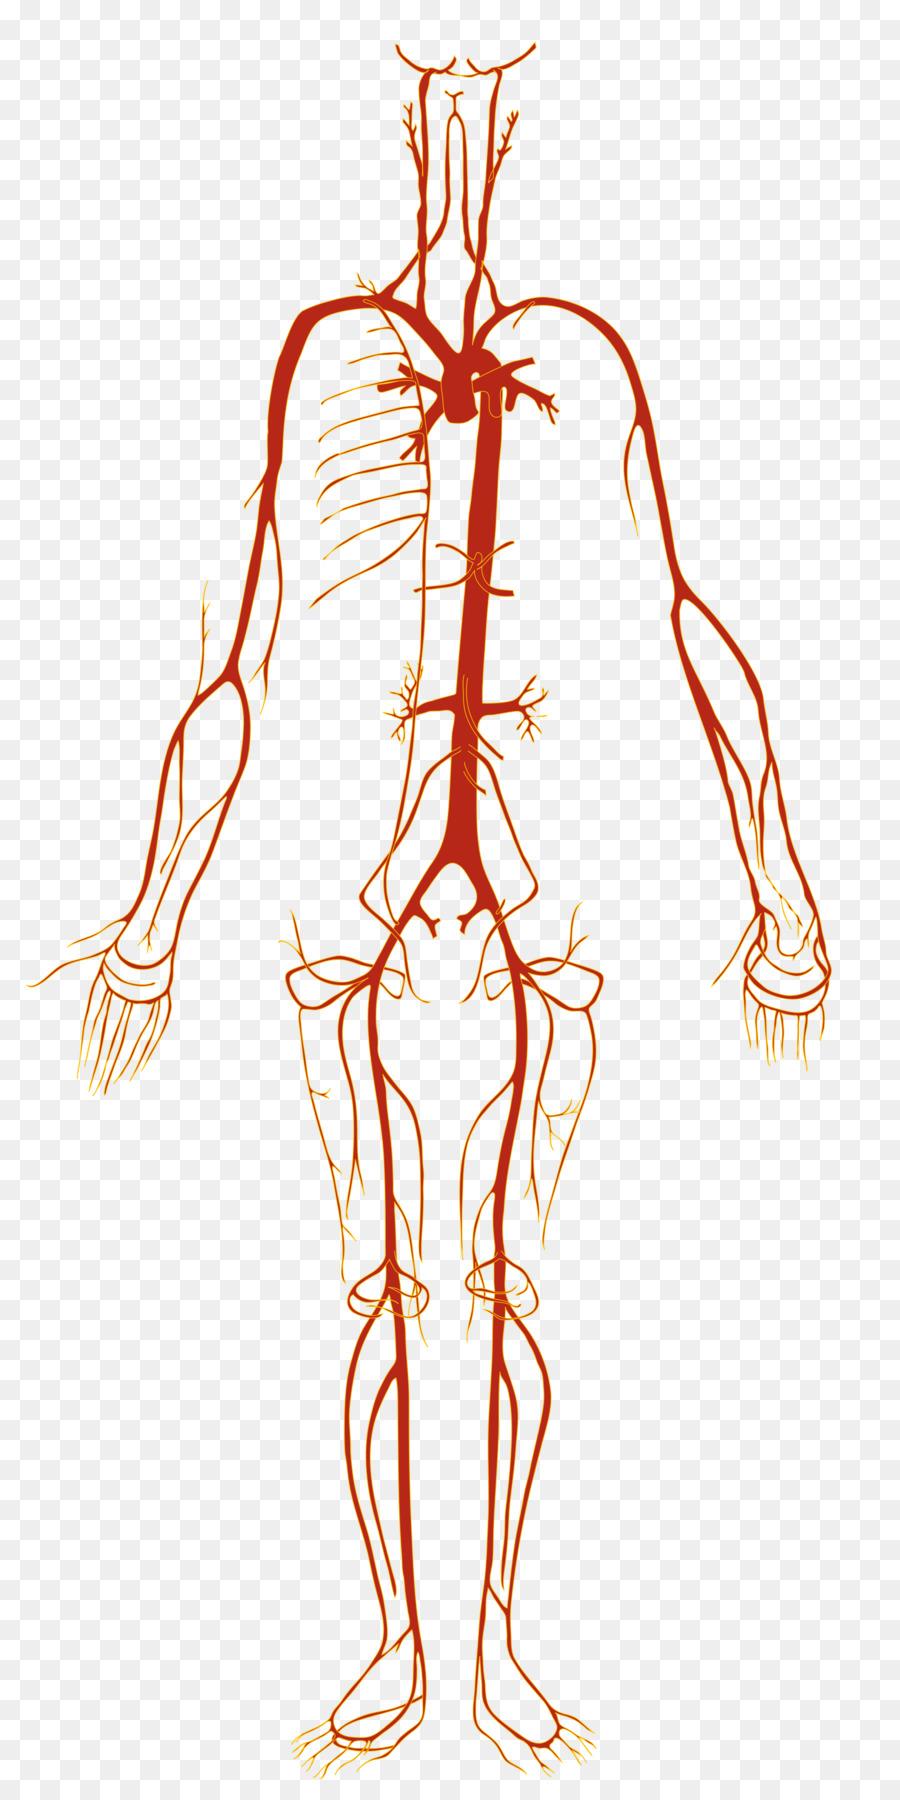 La arteria del cuerpo Humano de los vasos Sanguíneos de la anatomía ...